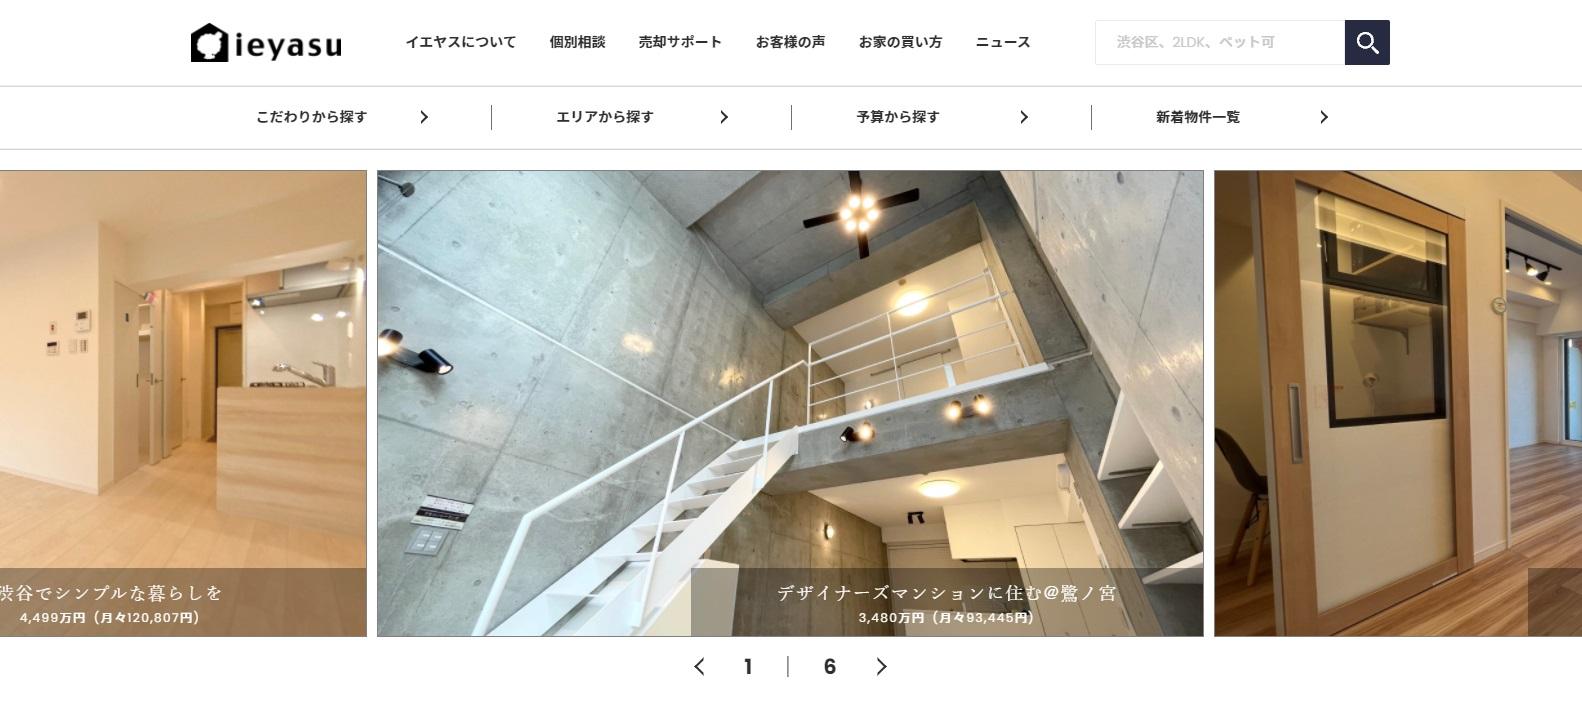 『ieyasu(イエヤス)』が「東京 住宅購入サービス 利用満足度」など4項目で第1位を獲得!